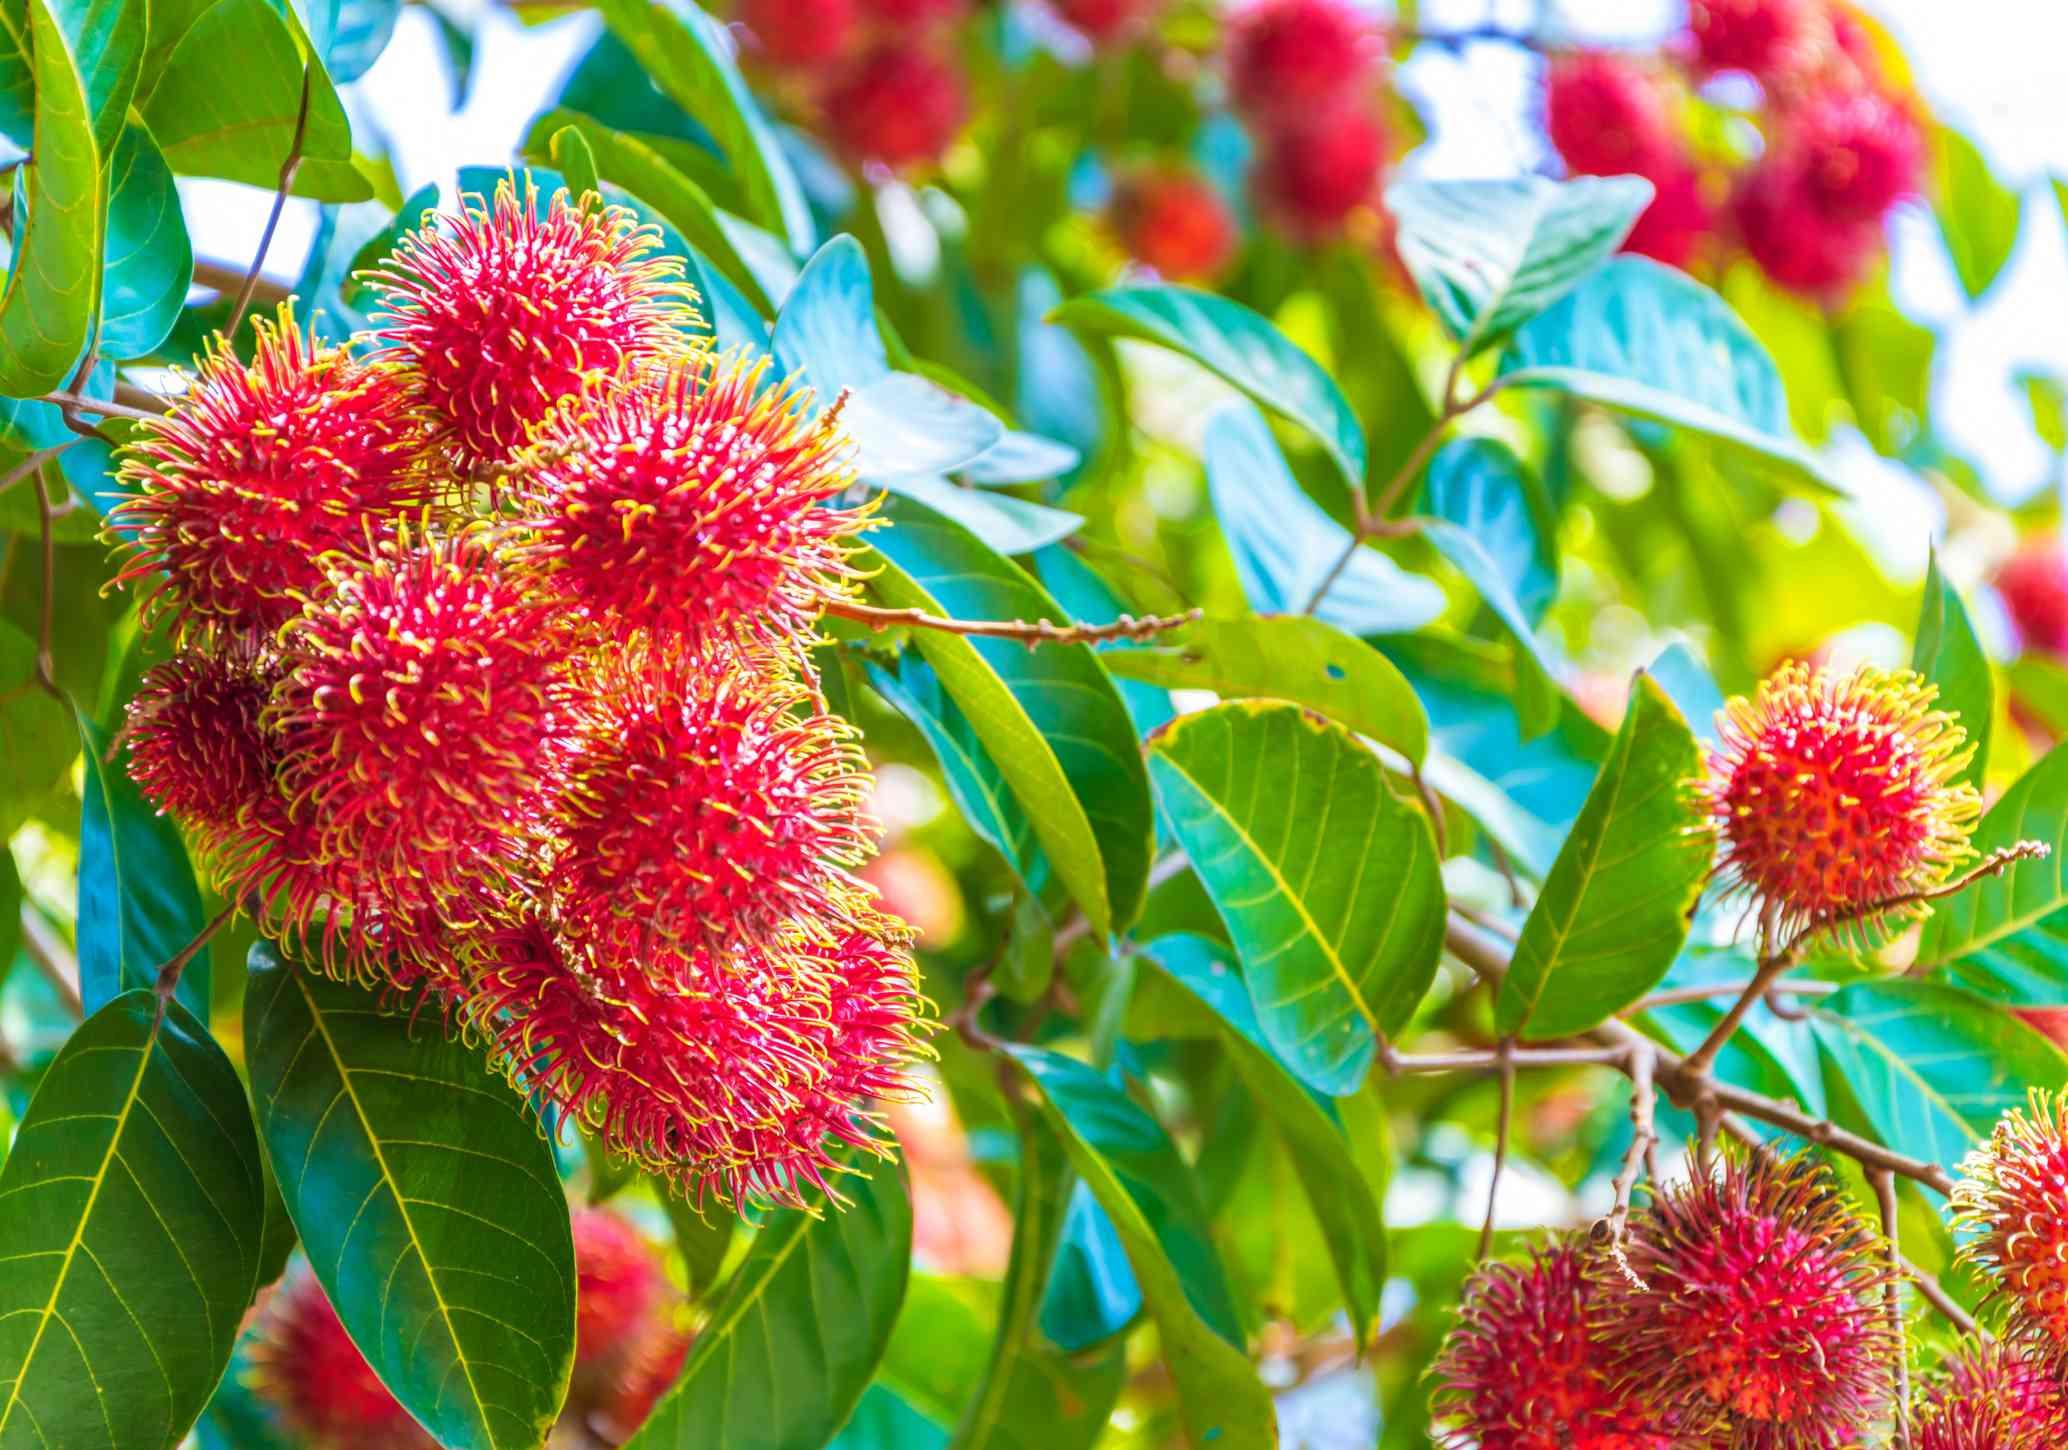 Rambutan fruit growing on tree